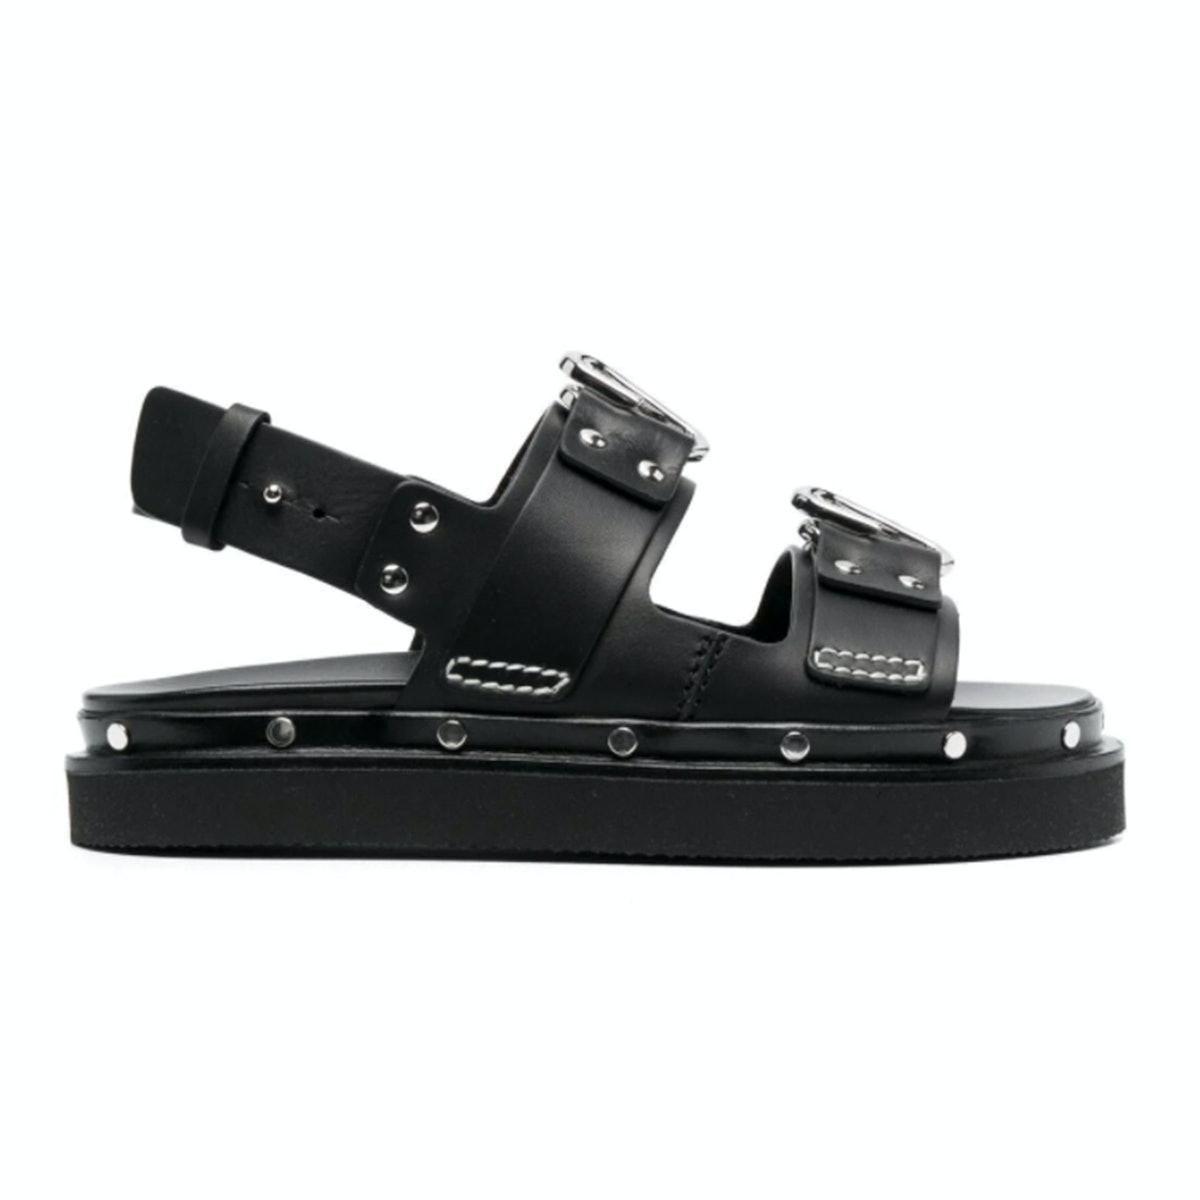 3.1 Phillip Lim stud-detail open-toe sandals